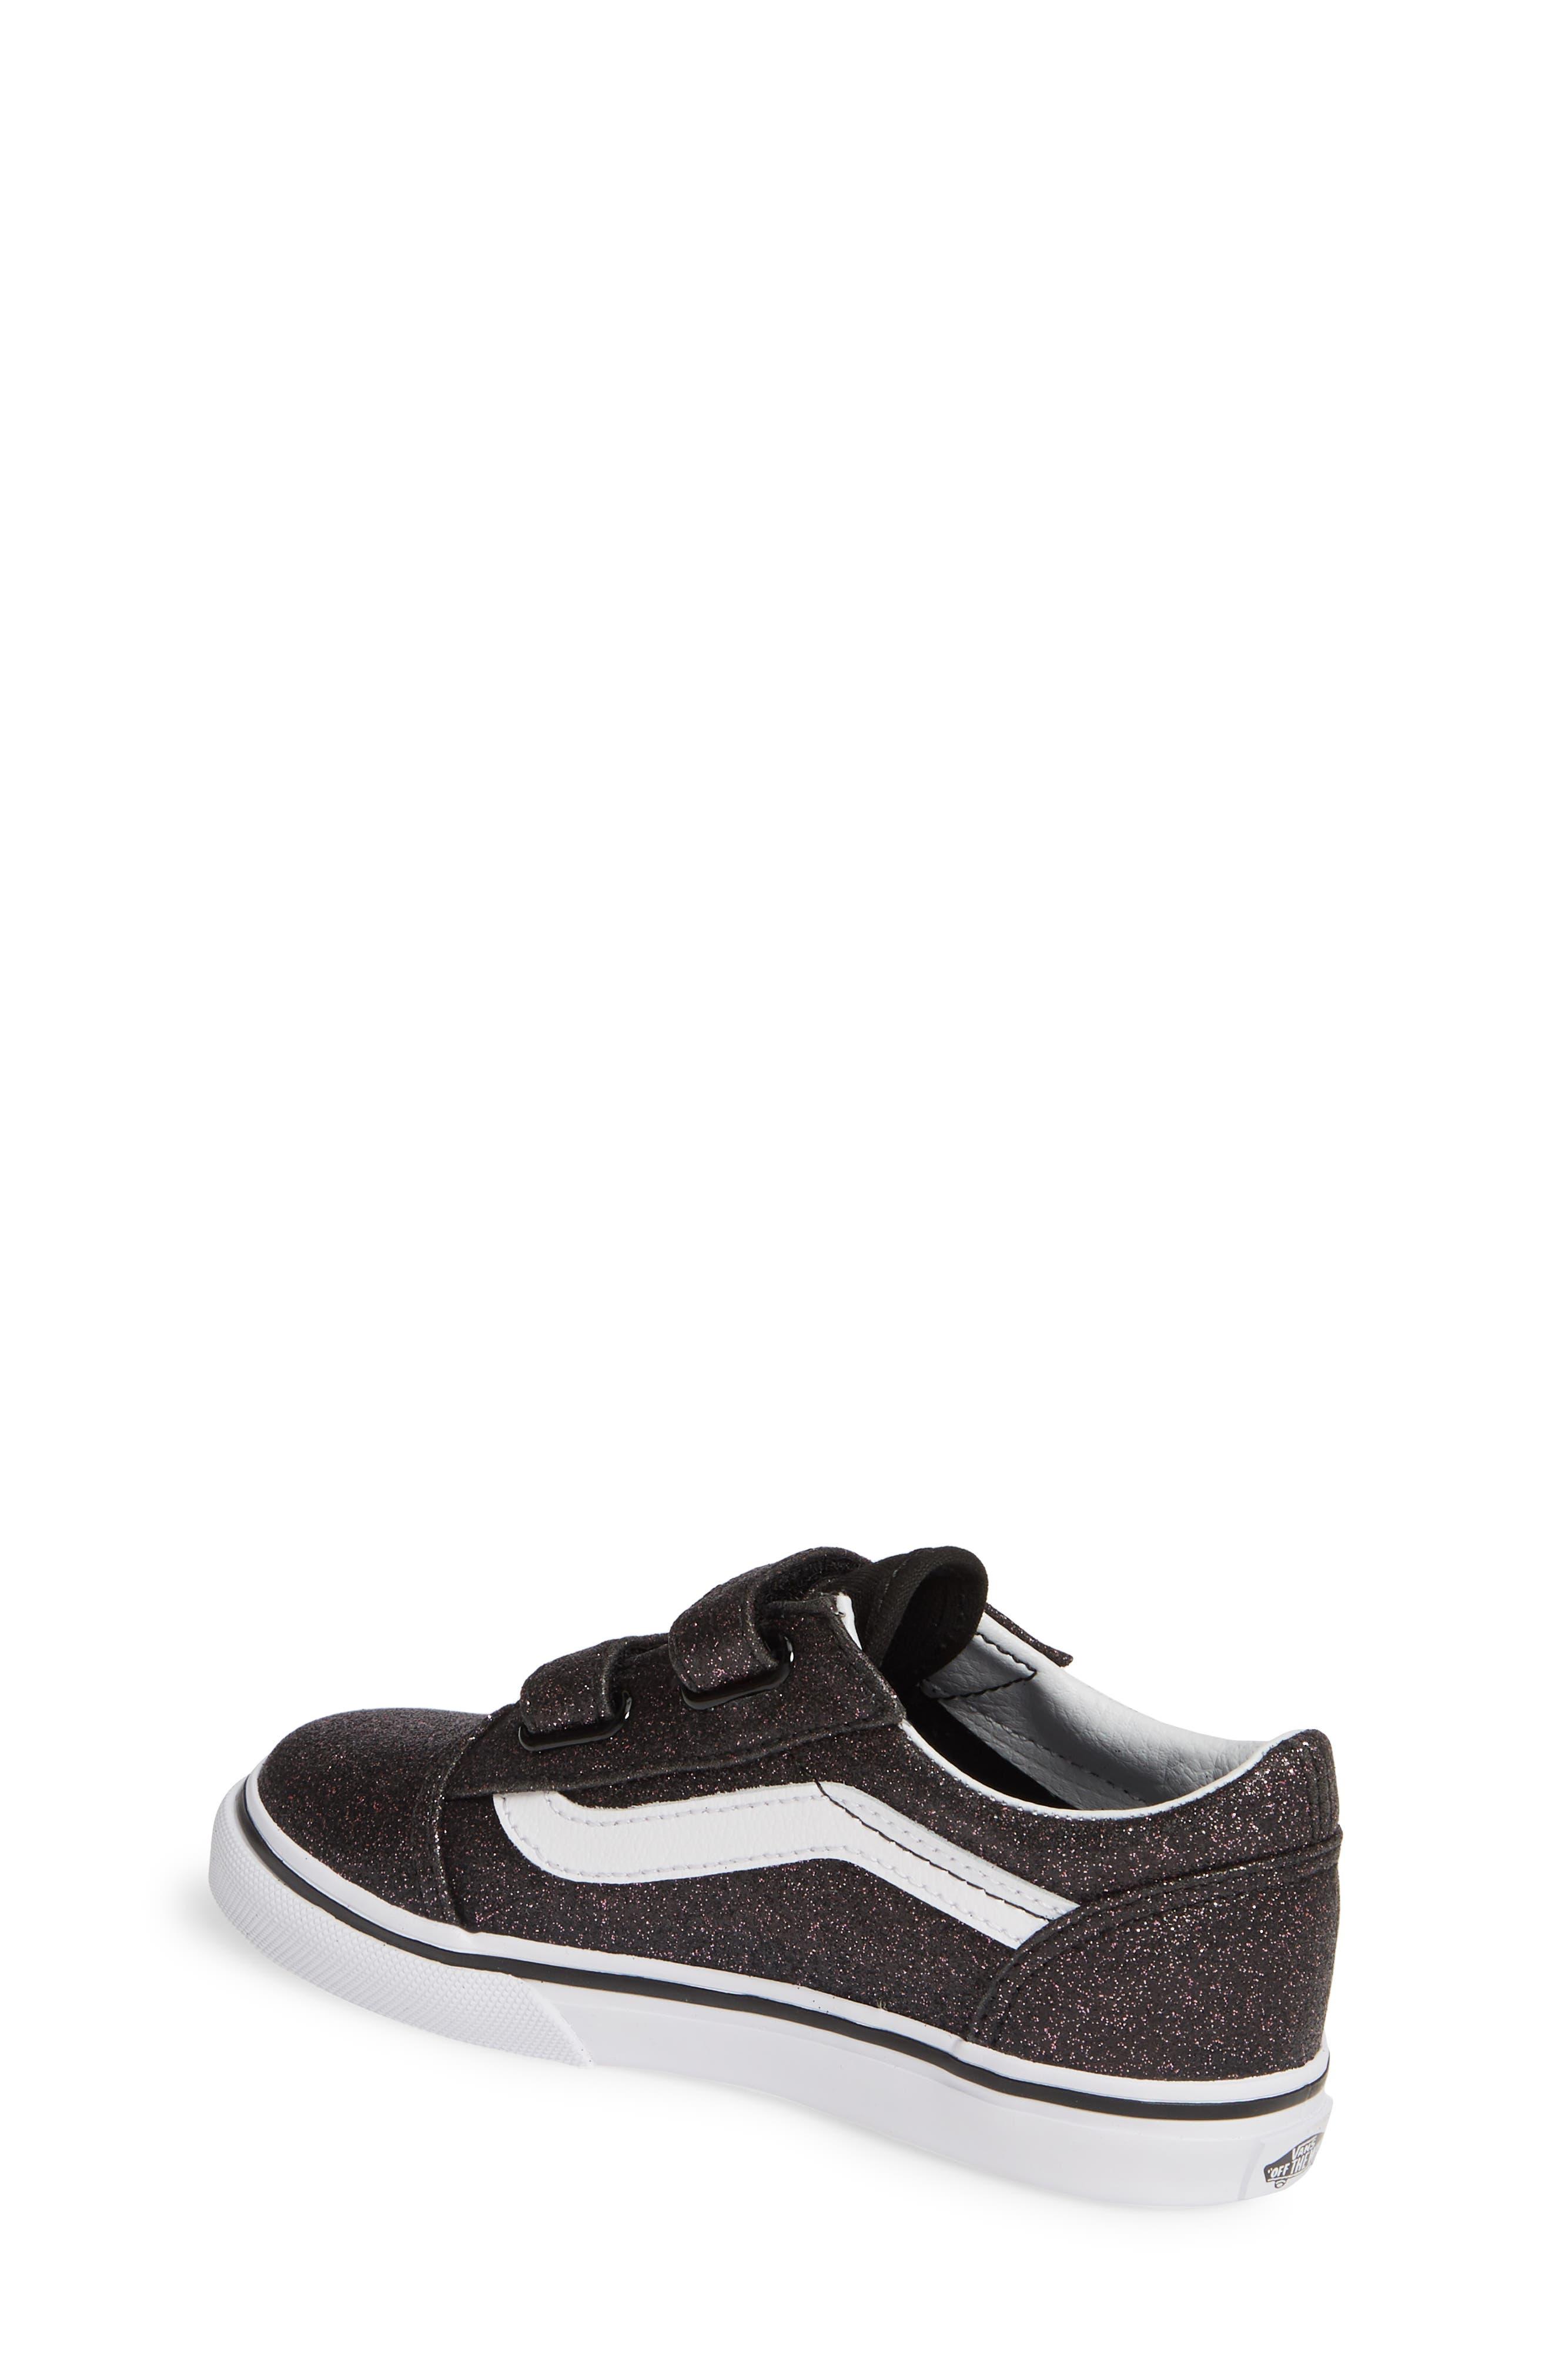 VANS, Old Skool V Glitter Sneaker, Alternate thumbnail 2, color, GLITTER STARS BLACK/ WHITE